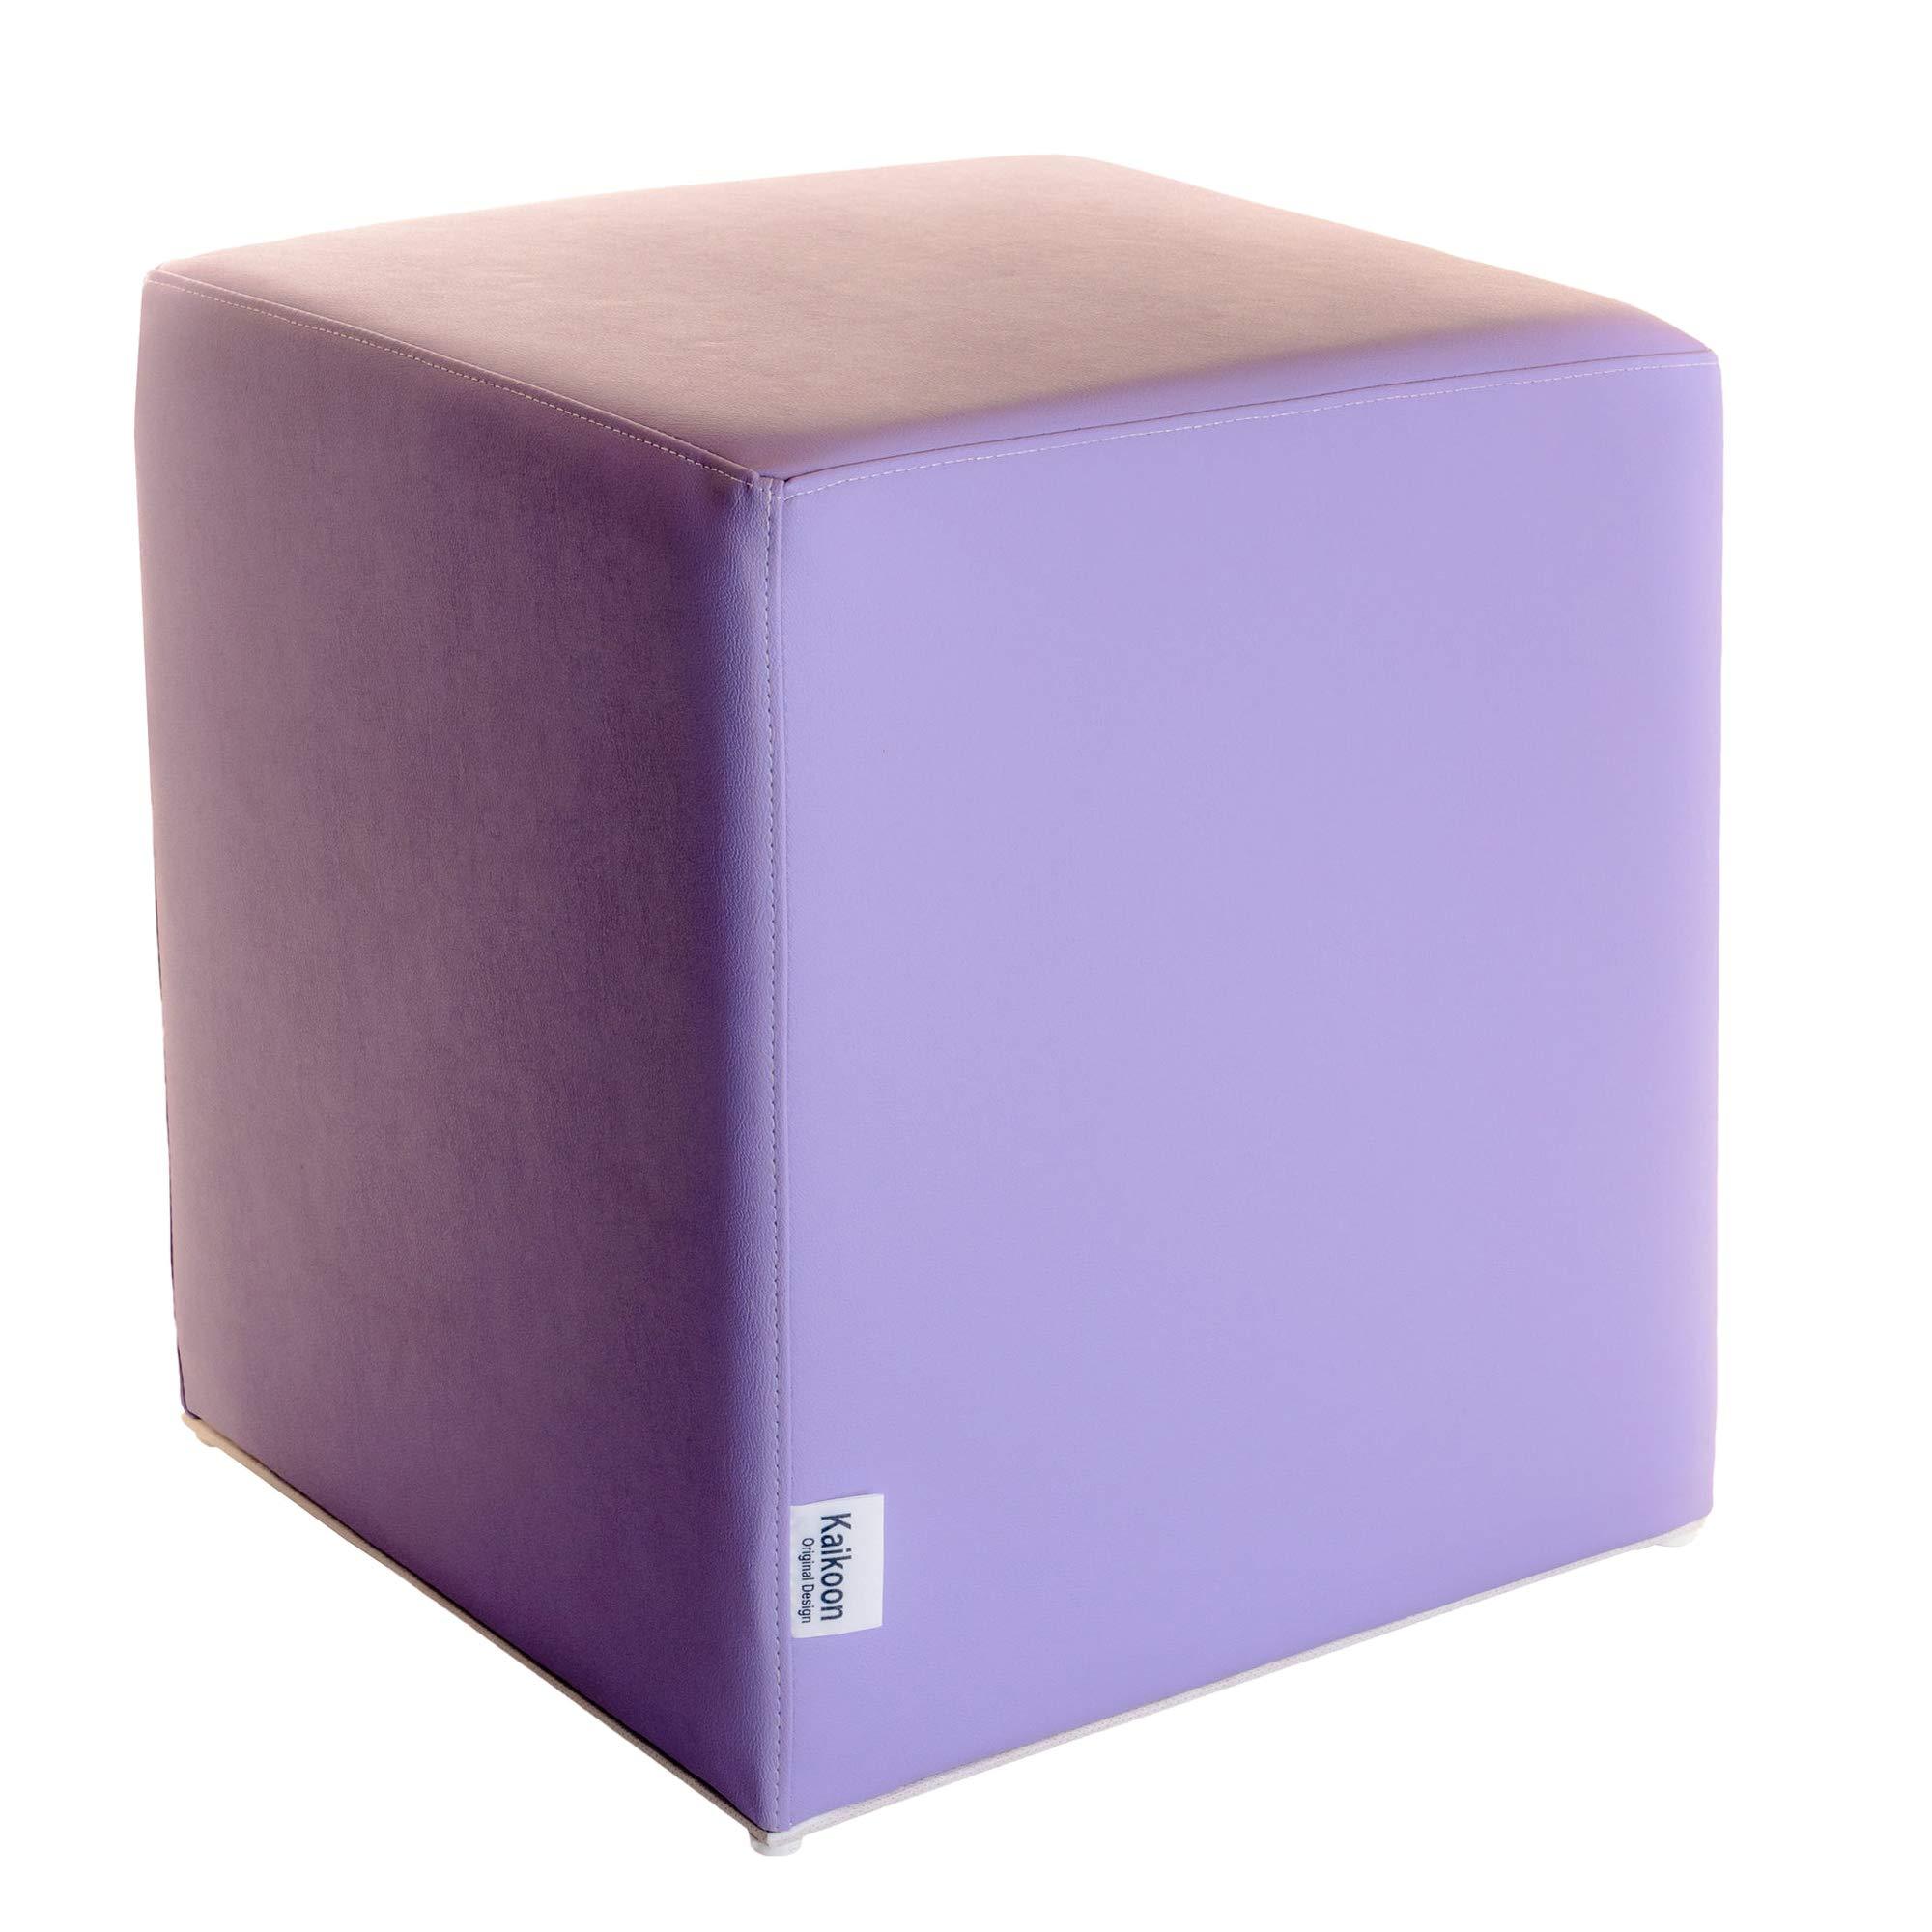 e Poliuretano Alta Densita Multicolor Bianco Rosso Grigio 42x4242 cm Sfoderabile con Zip Arketicom Pouf Cubo Poggiapiedi Ispirato al cubo di Rubik in Tessuto Cotone e Poliestere